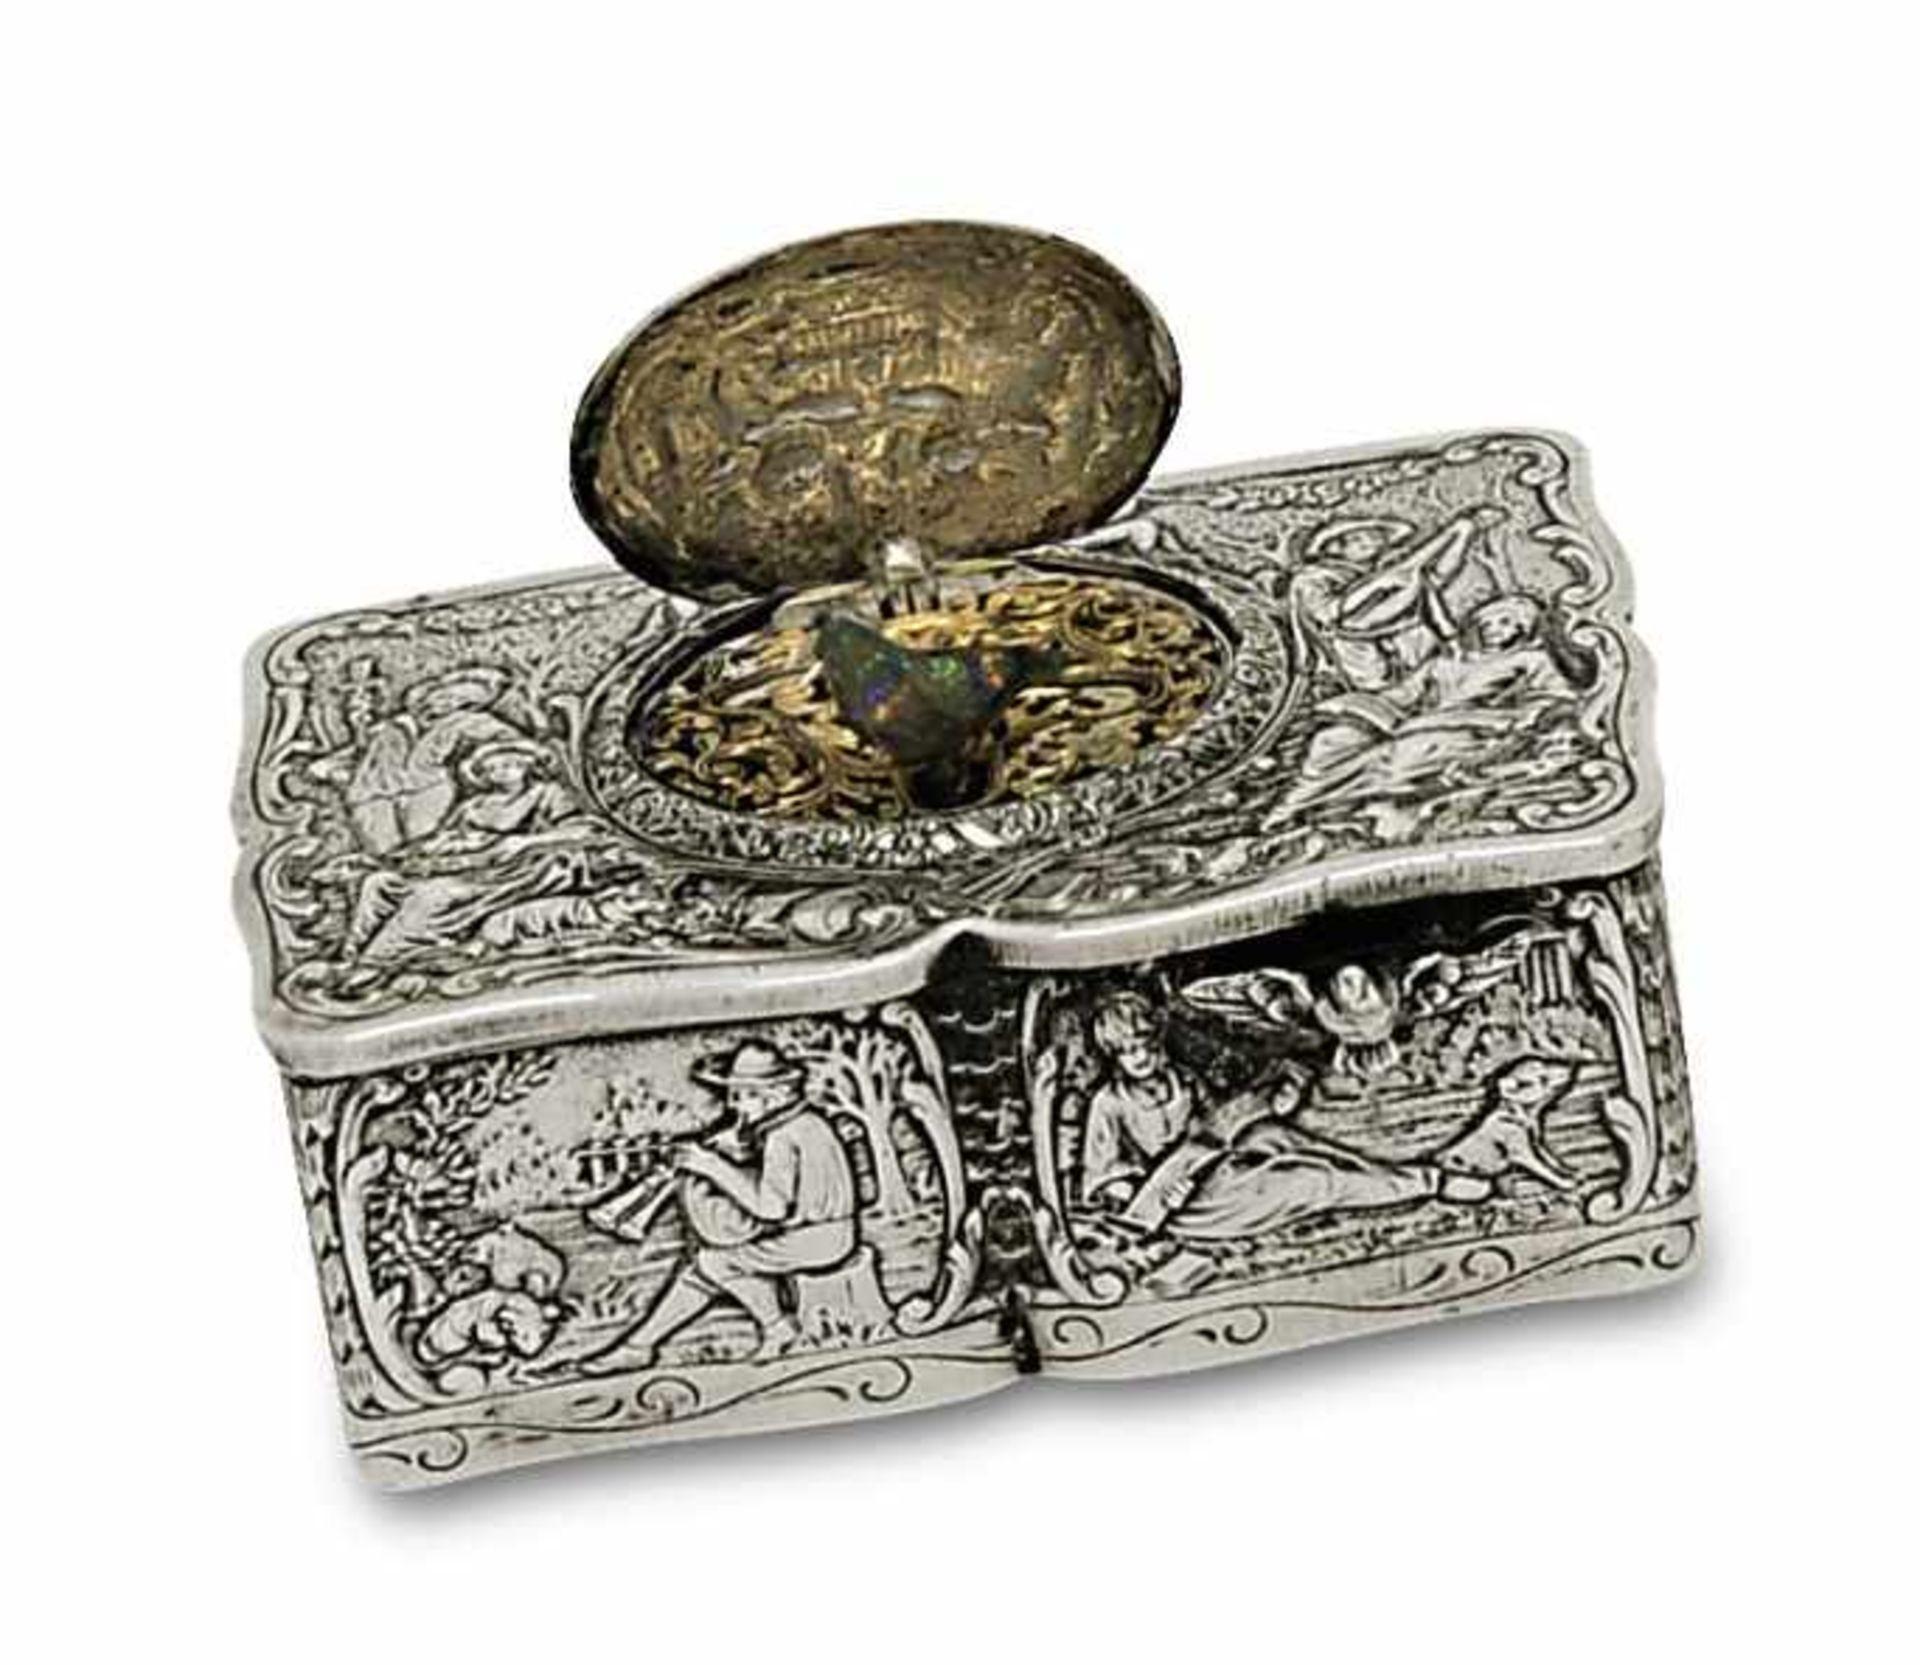 Los 21 - SingvogeldoseDeutsch Geschweiftes Silbergehäuse (Marken: 800), allseitig reliefiert mit